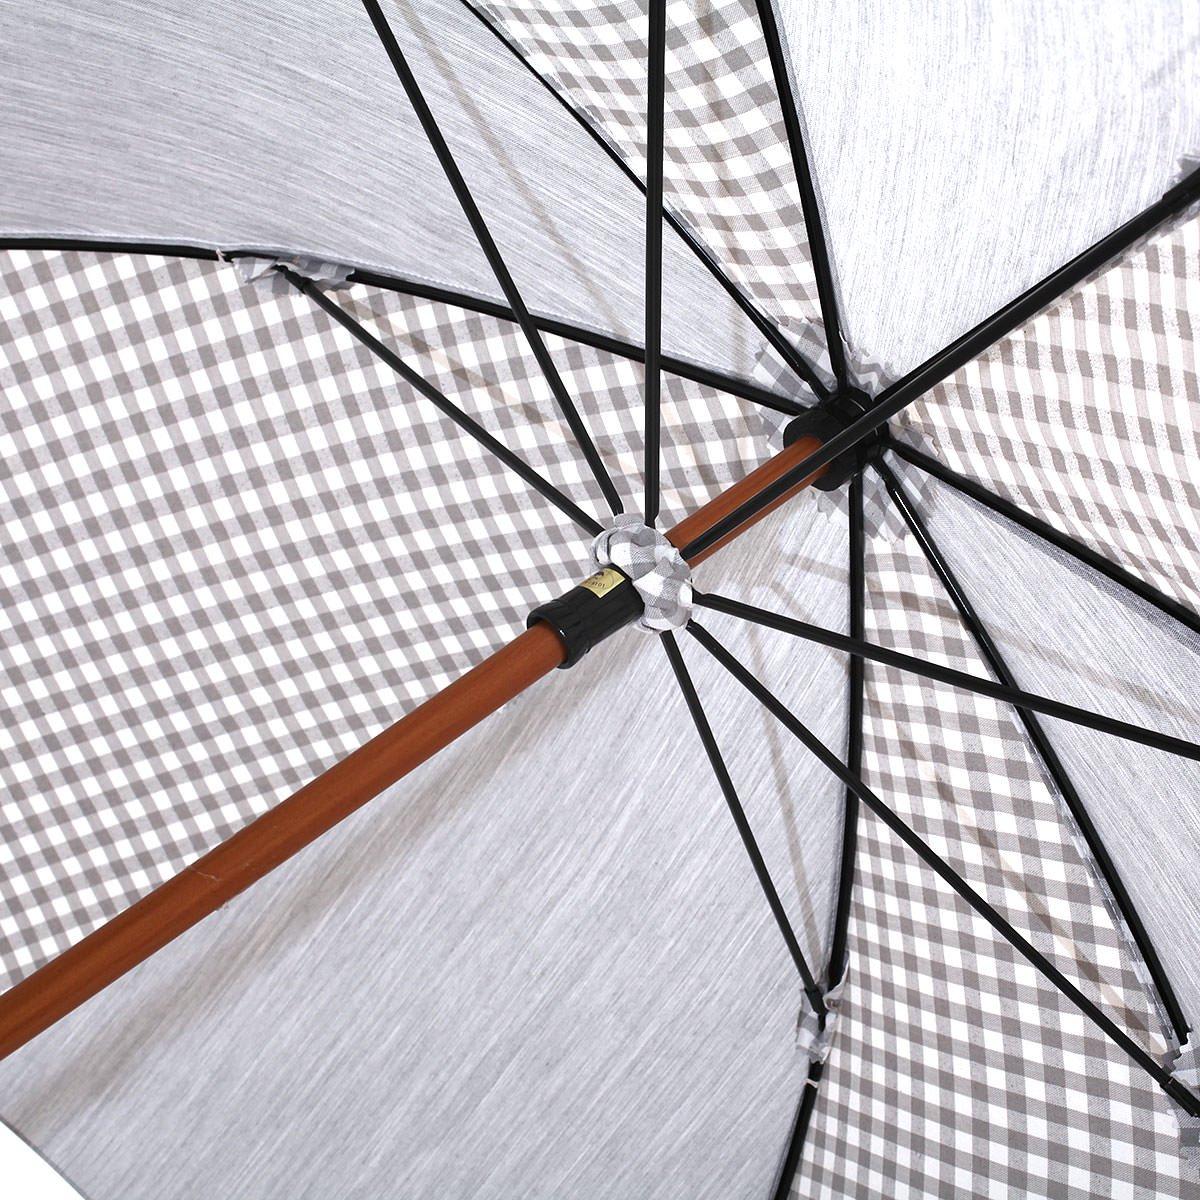 【晴雨兼用傘】レディース ギンガム×無地コンビ 長傘 詳細画像5